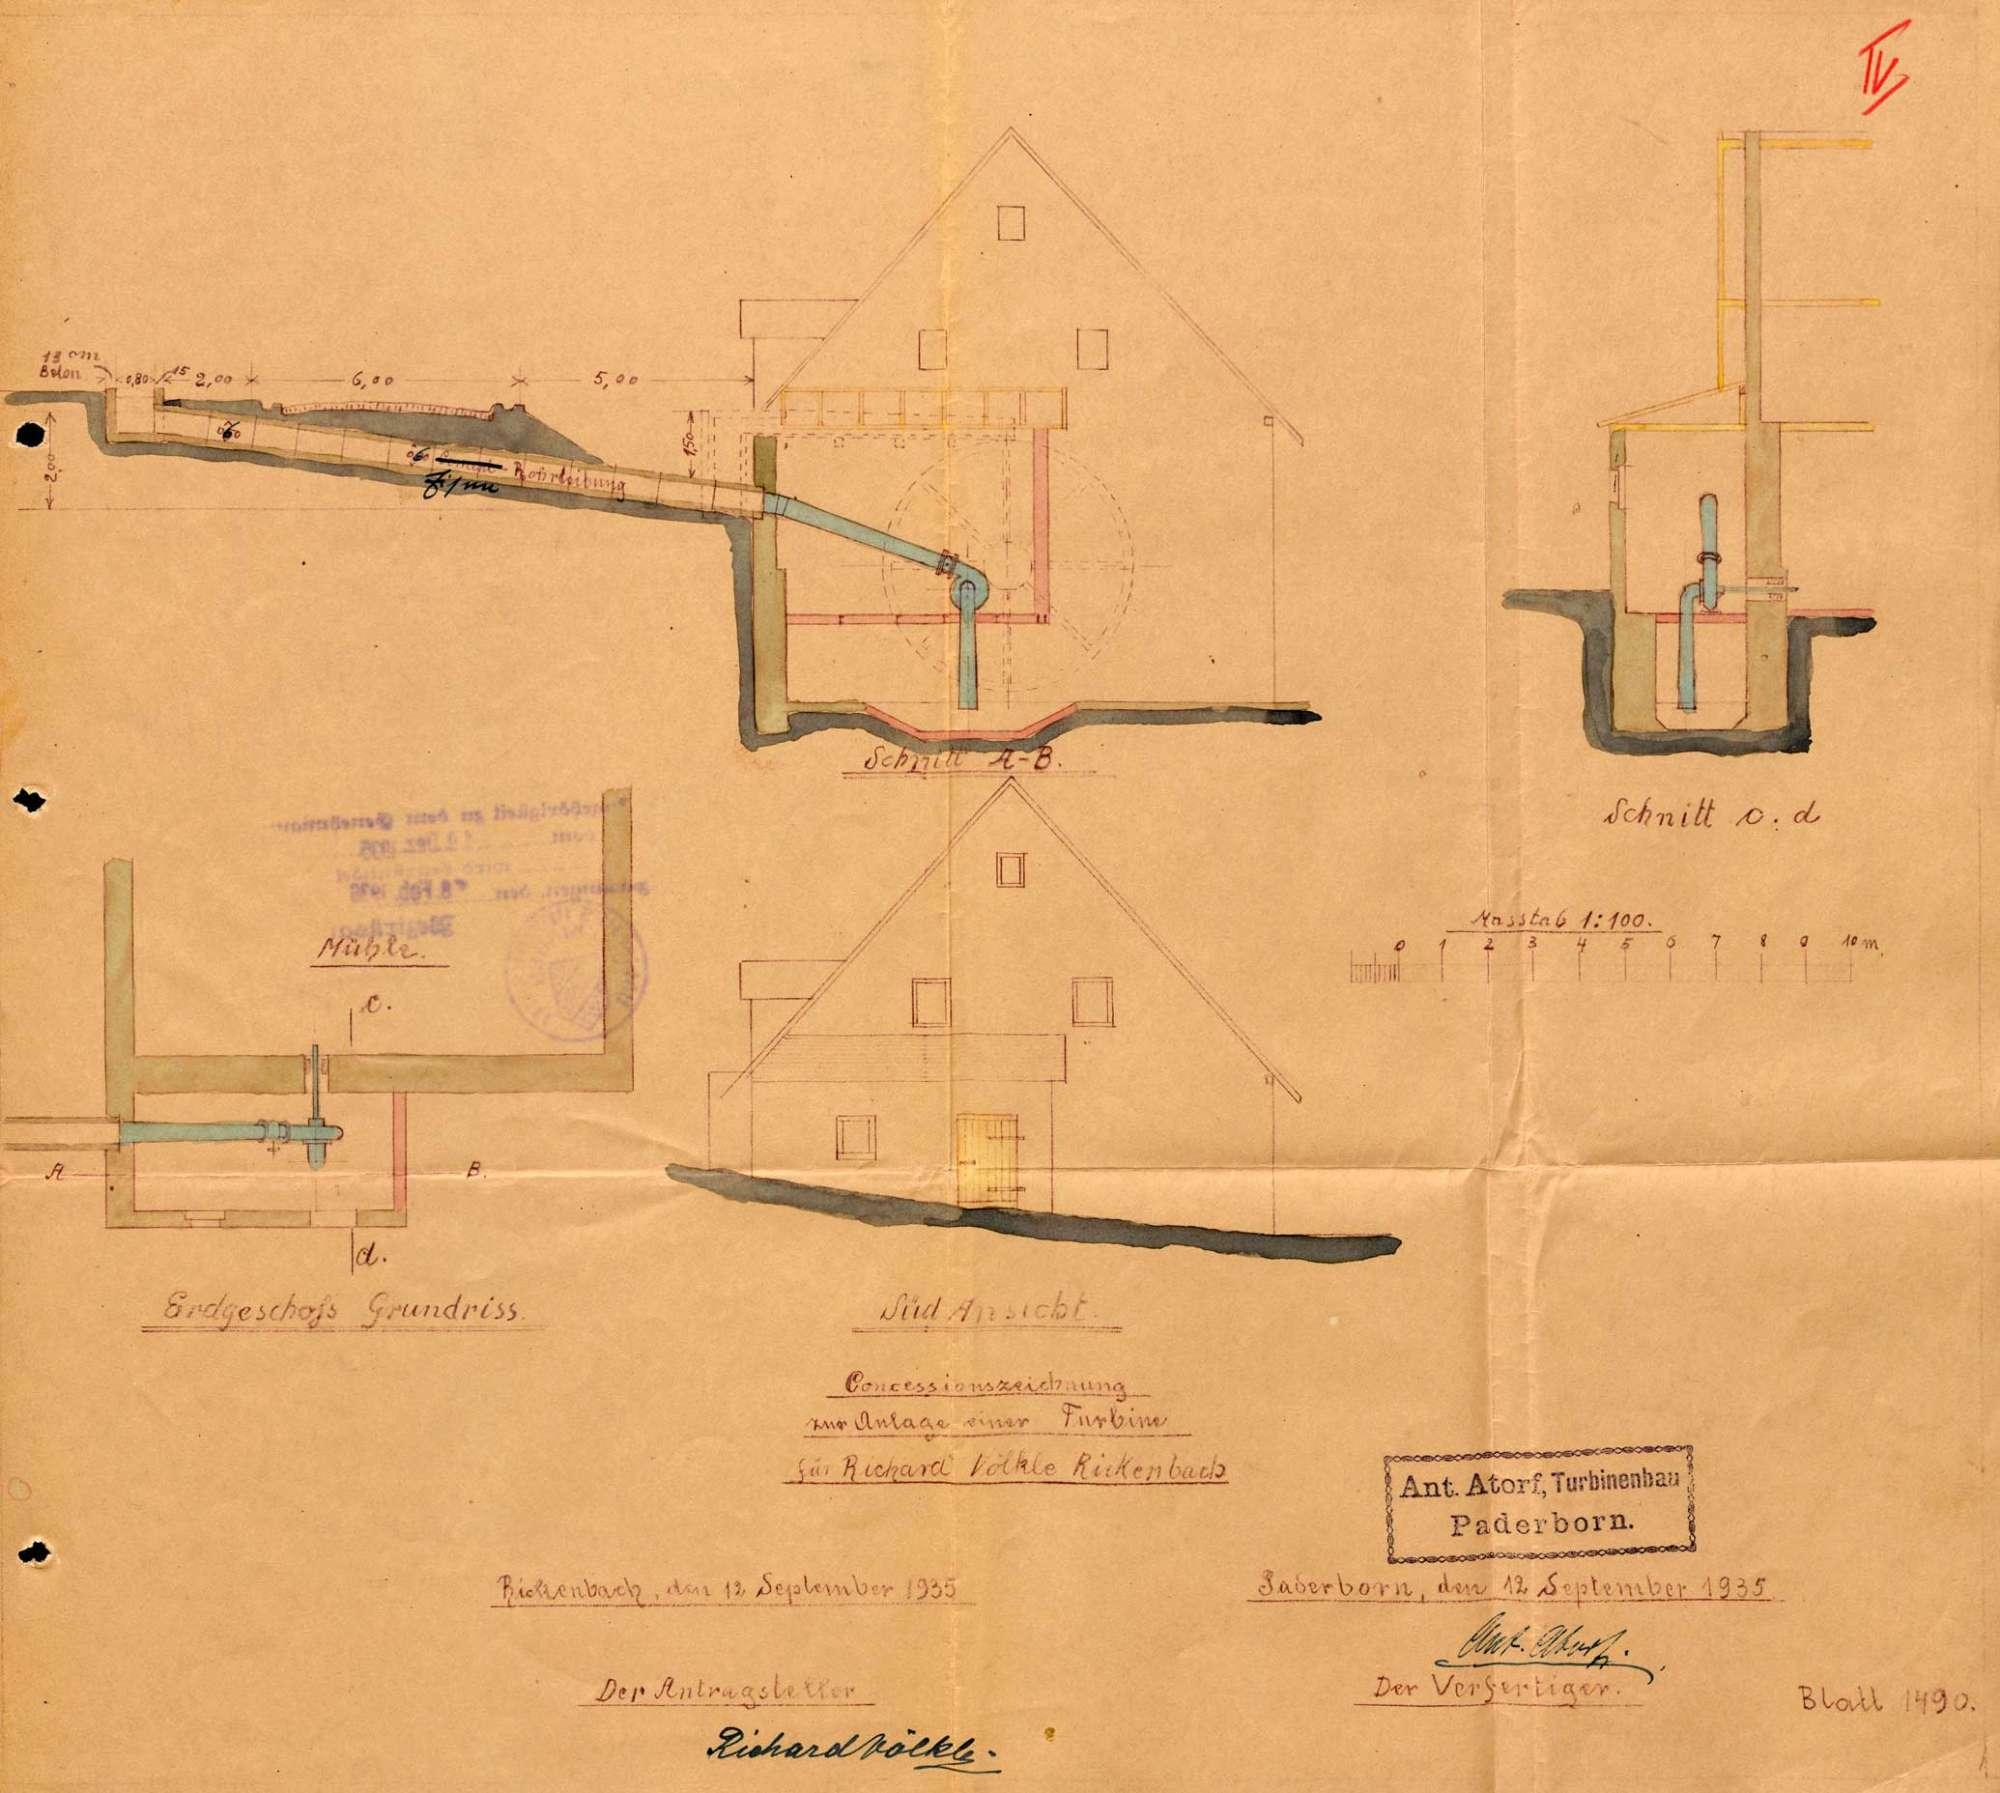 Gesuch des Müllers Richard Völkle in Rickenbach um Genehmigung zum Einbau einer Turbine an Stellte des Wasserrades in seine Wasserkraftanlage, Bild 2